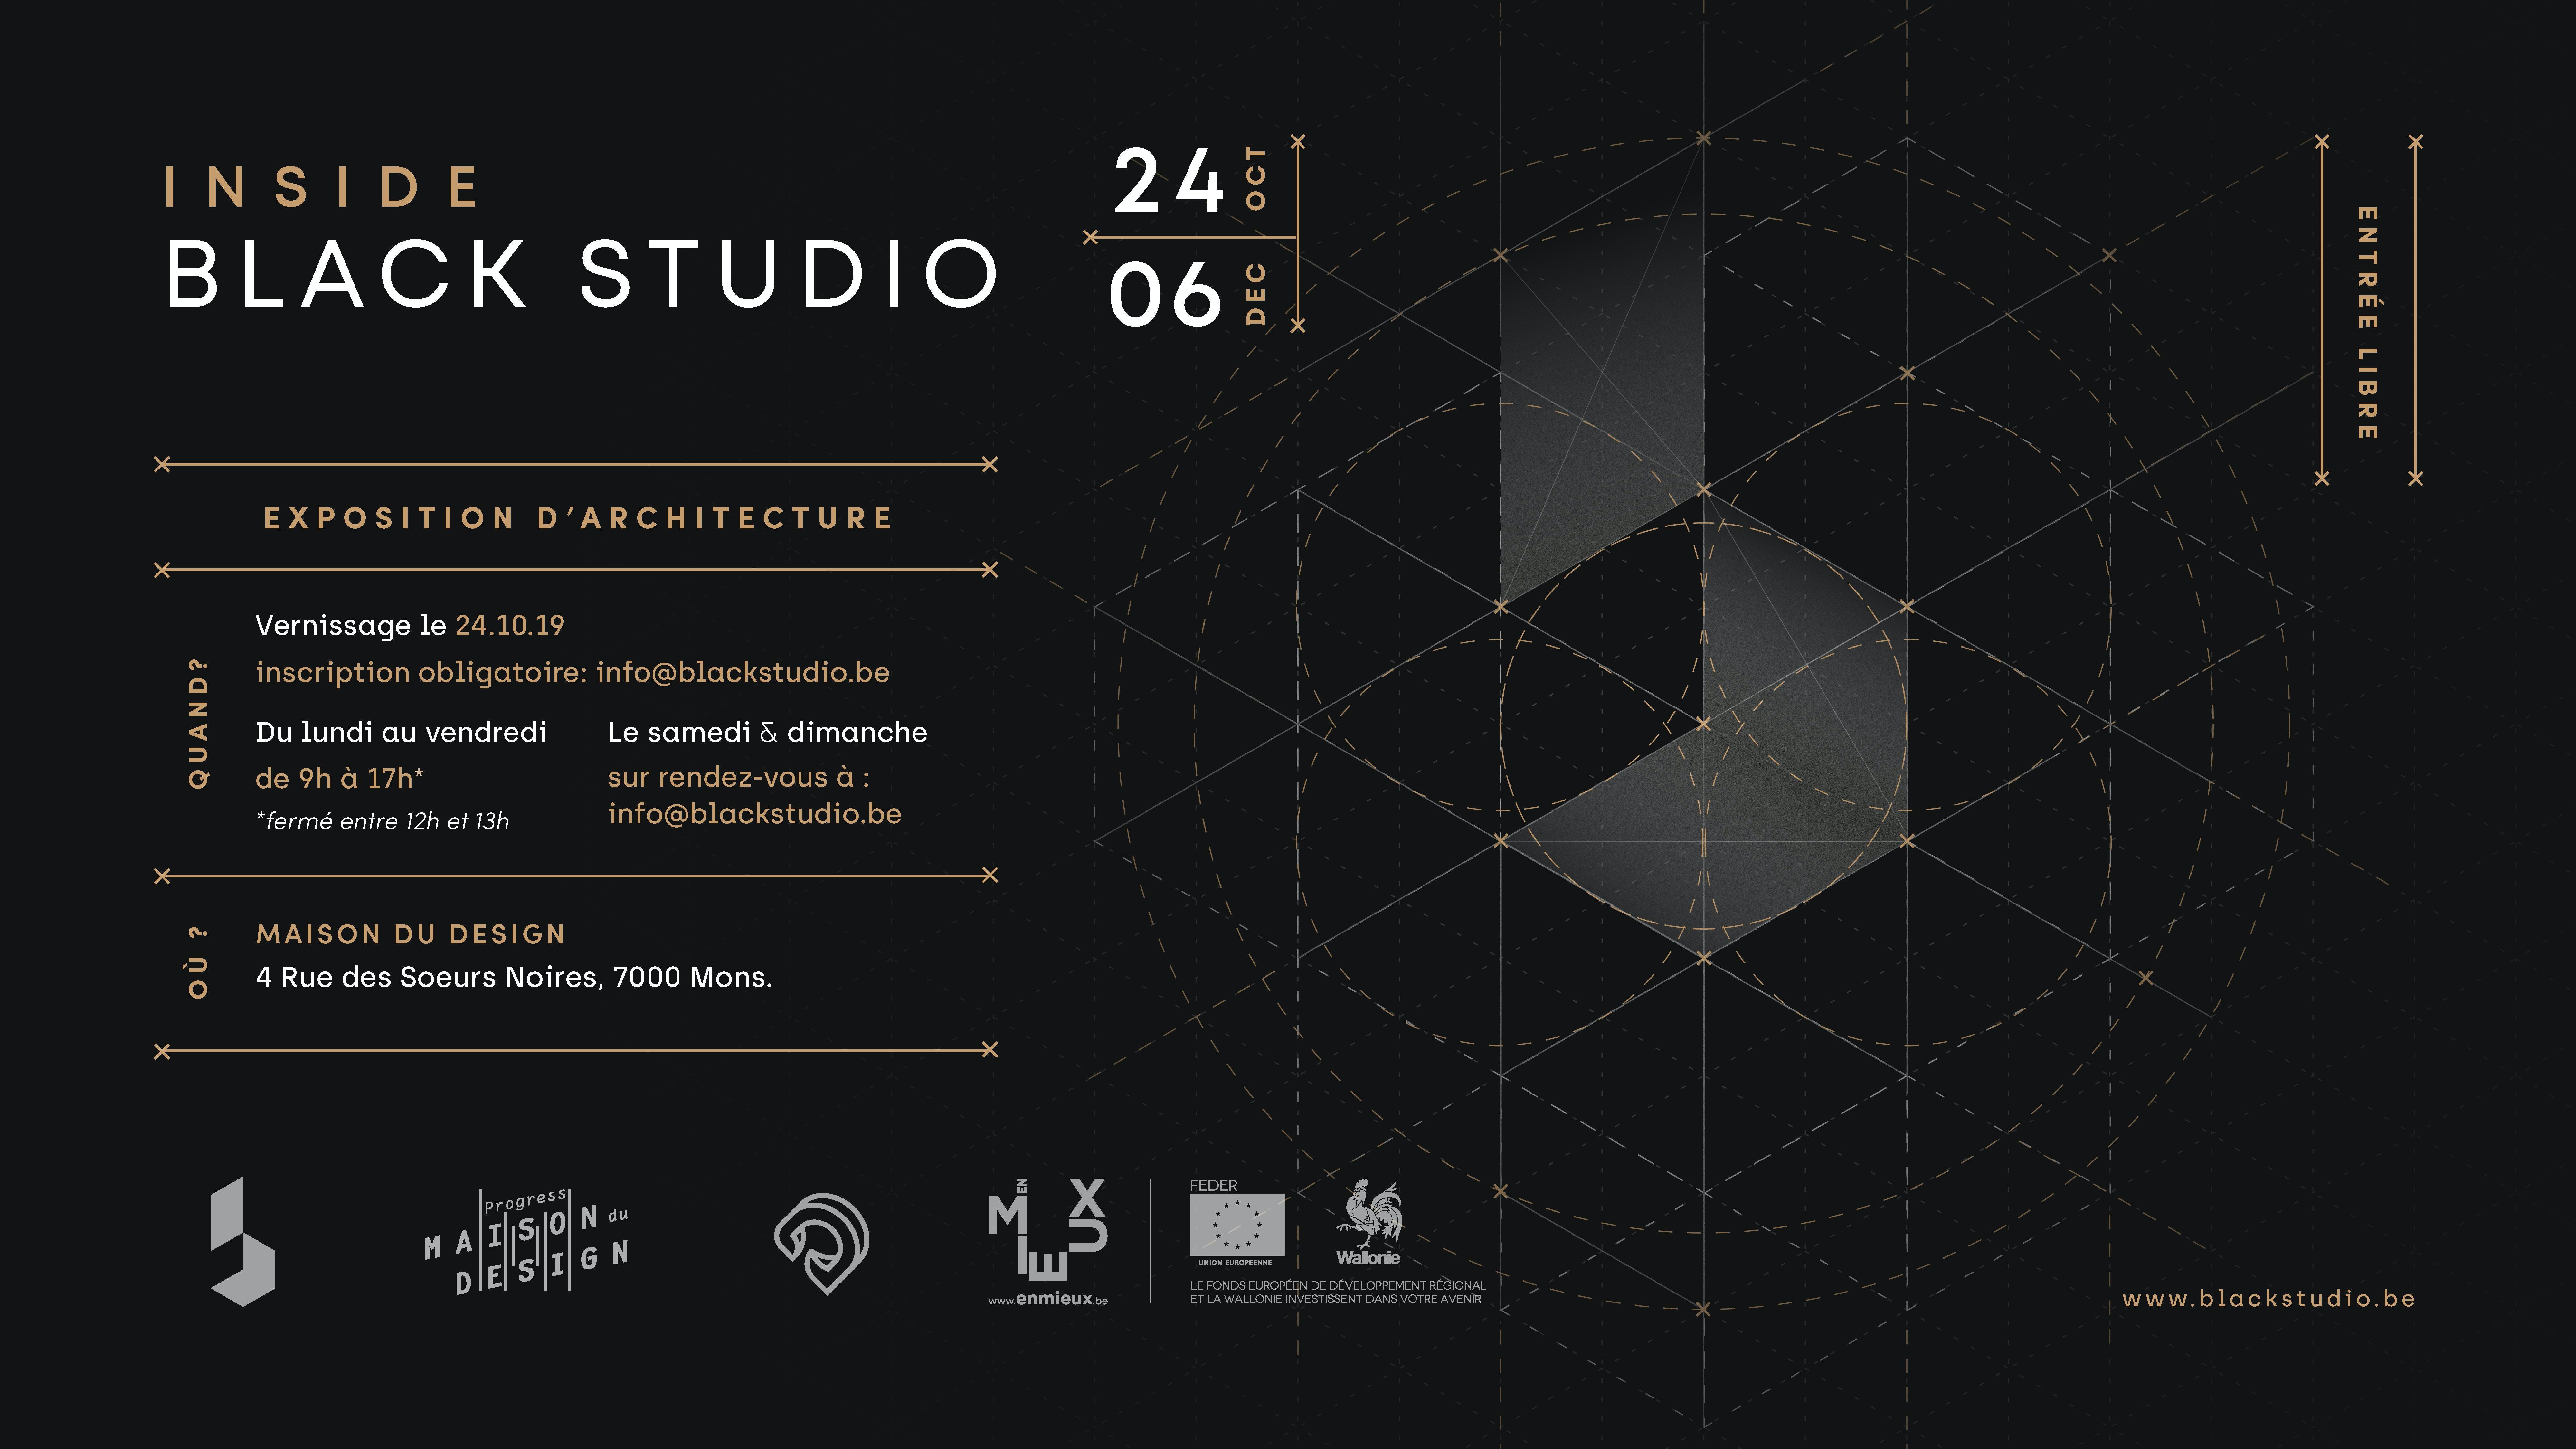 INSIDE BLACK STUDIO : Focus sur les travaux d'architecture de Black Studio.